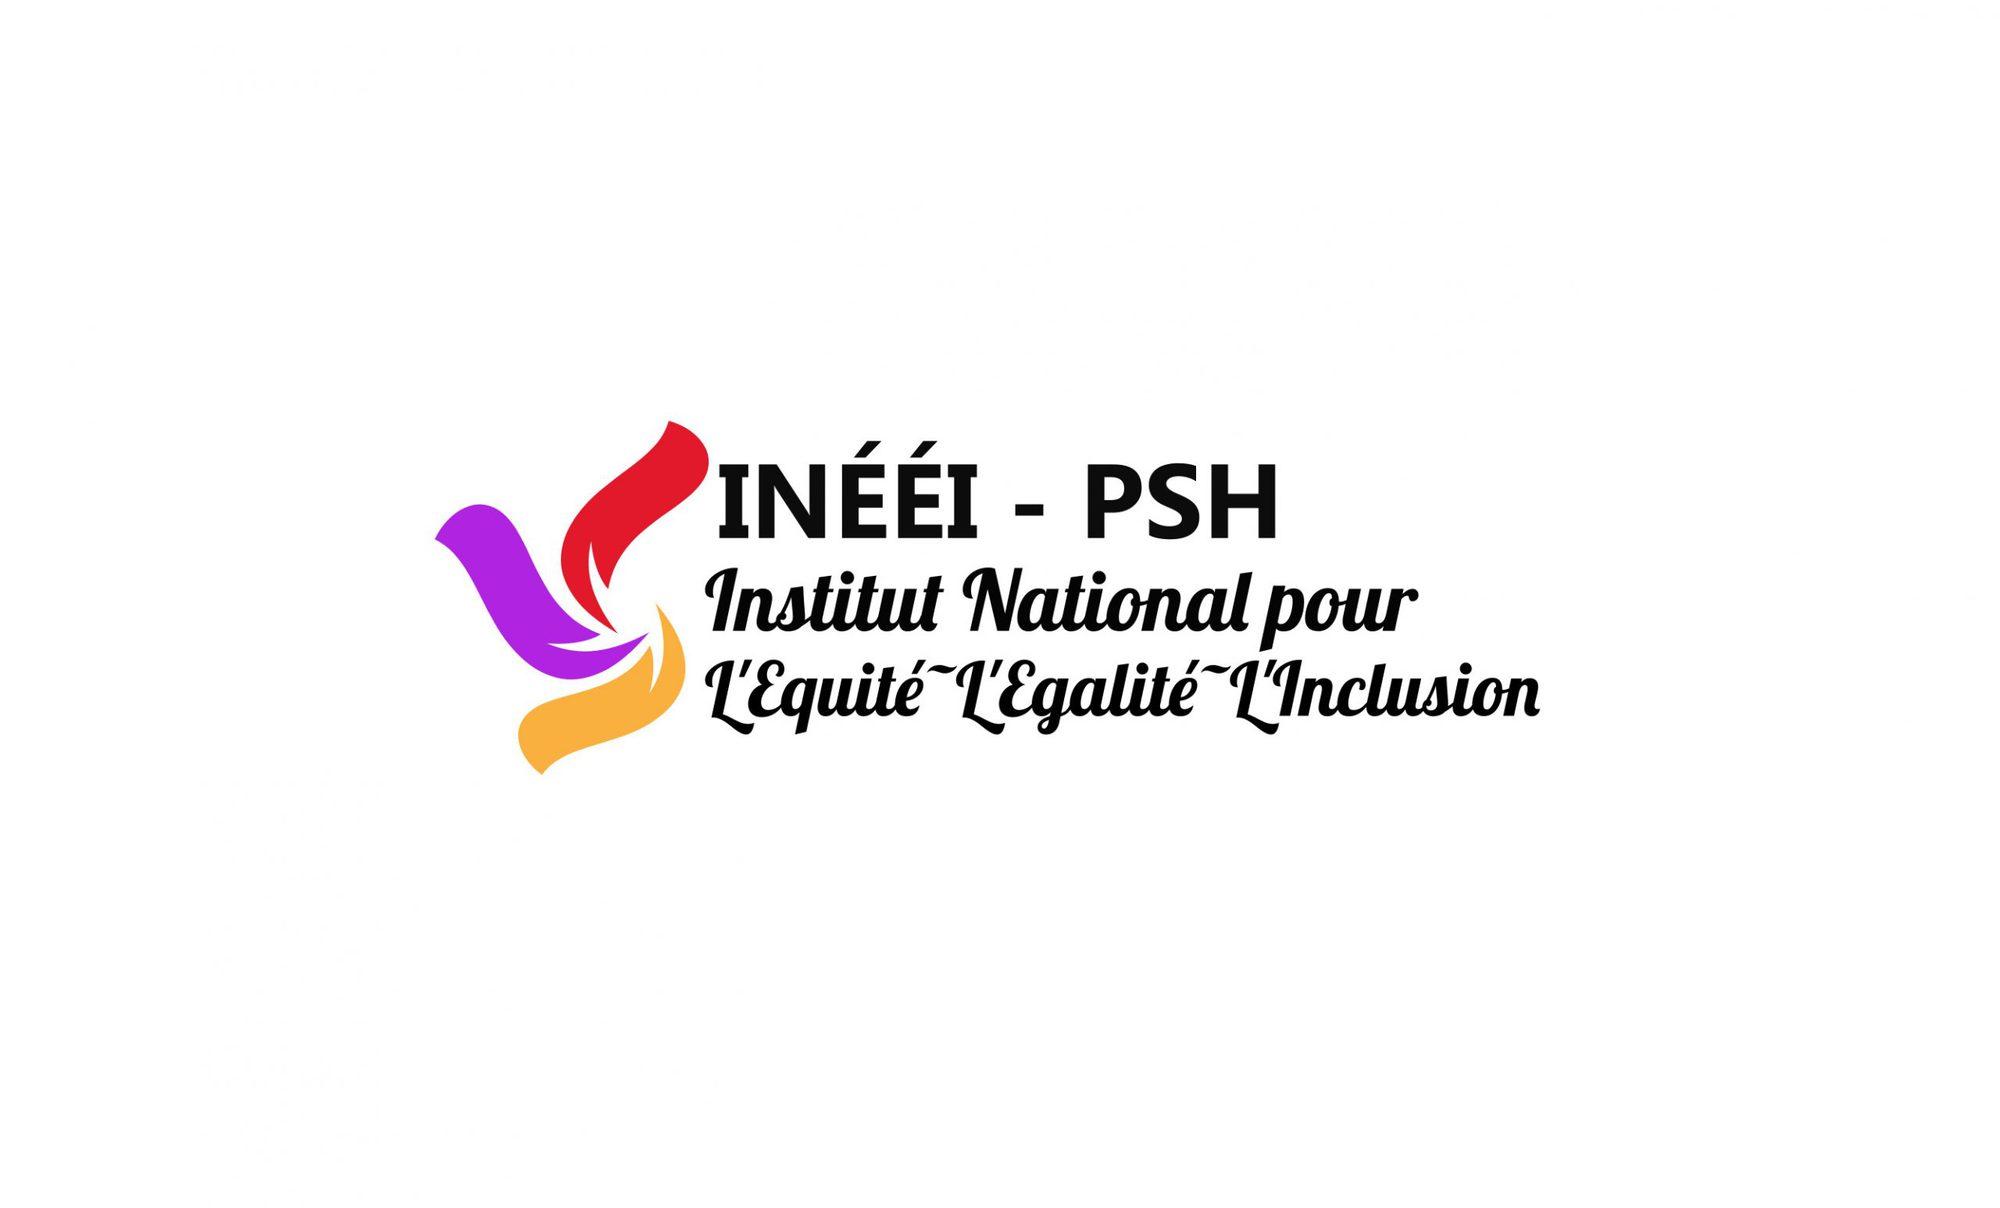 Institut National pour l'Équité, l'Égalité et l'Inclusion des personnes en situation de handicap (INÉÉI-PSH)